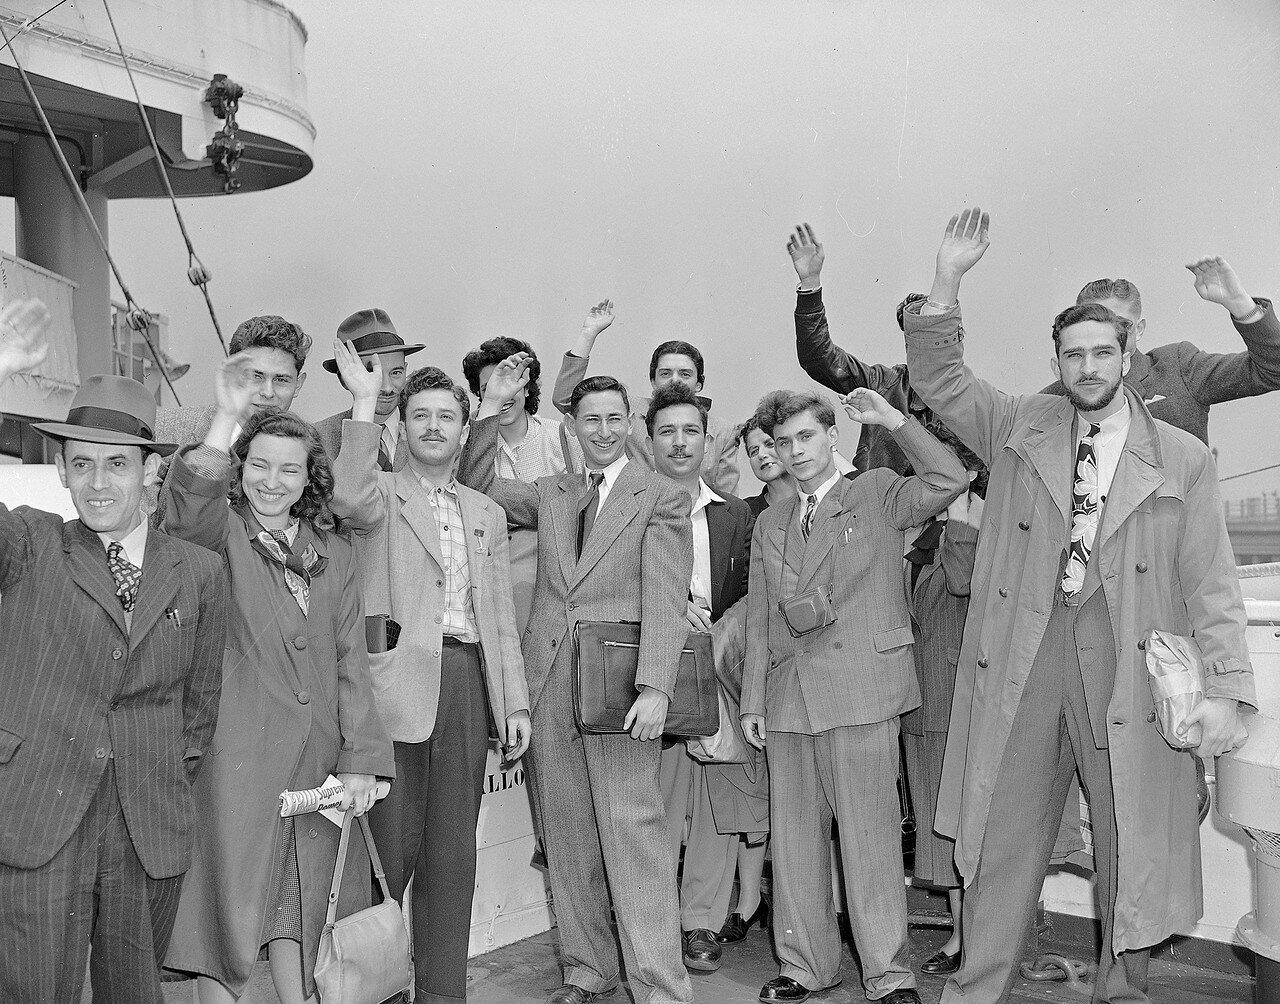 Группа евреев на борту американского лайнера Marine Carp прощаются перед вылетом из Нью-Йорка в Израиль, чтобы сражаться с арабами. 4 мая